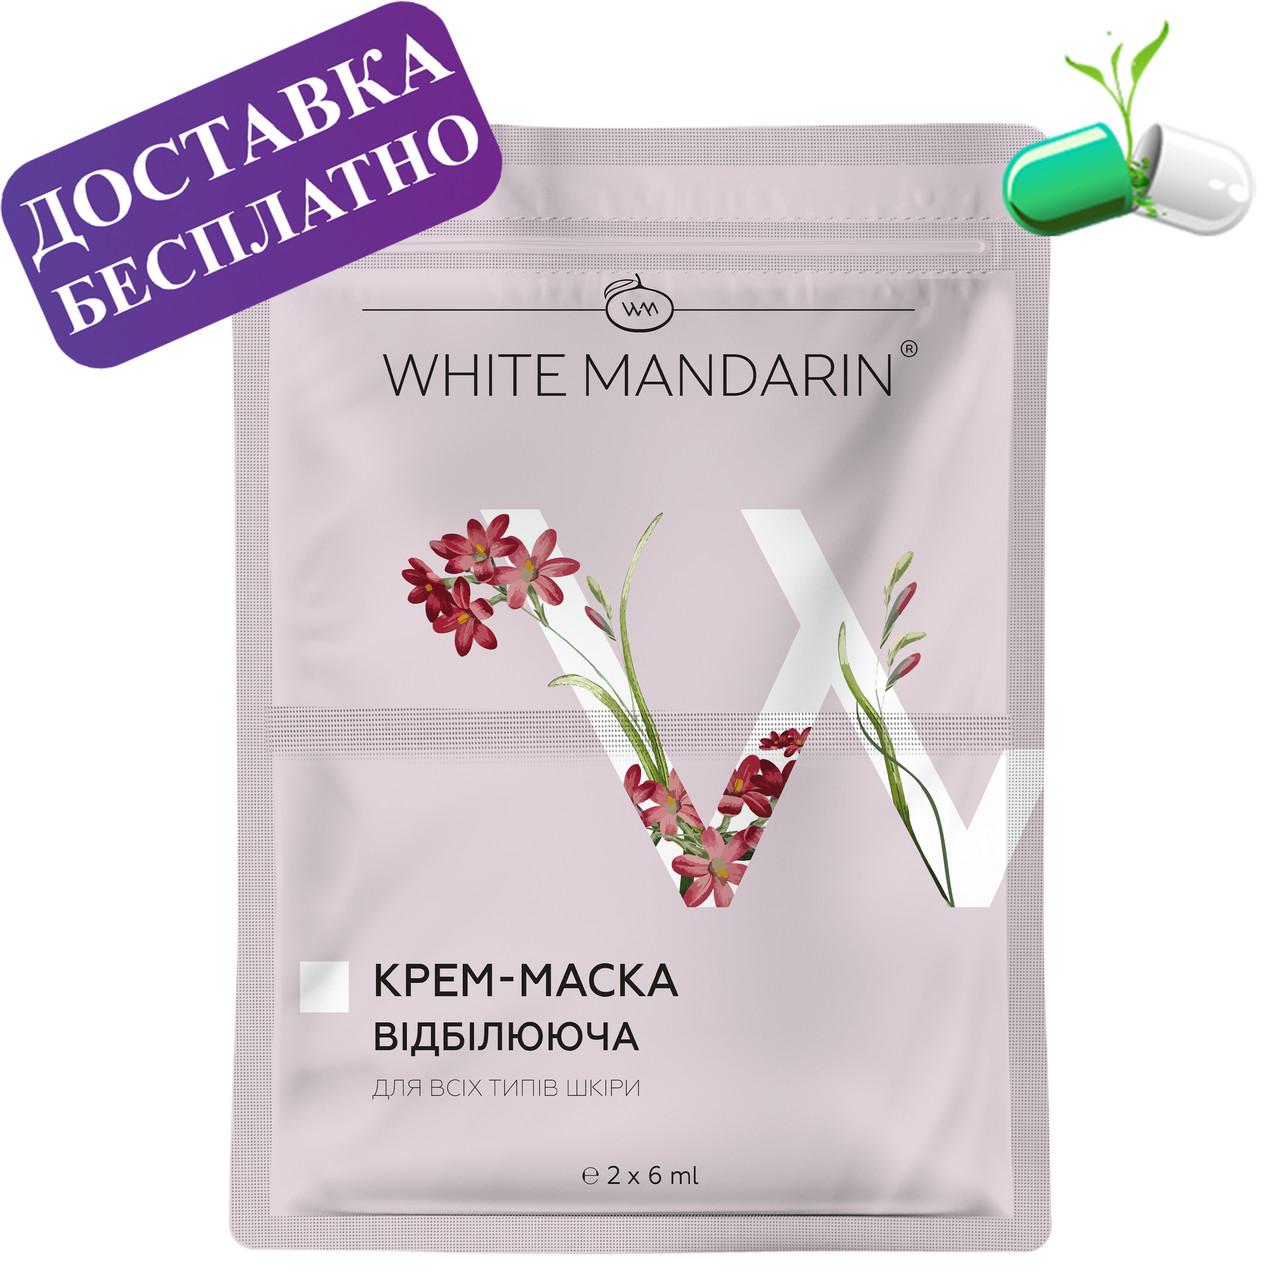 Отбеливающая крем-маска серии «Морские водоросли» White Mandarin. саше 2*6 мг